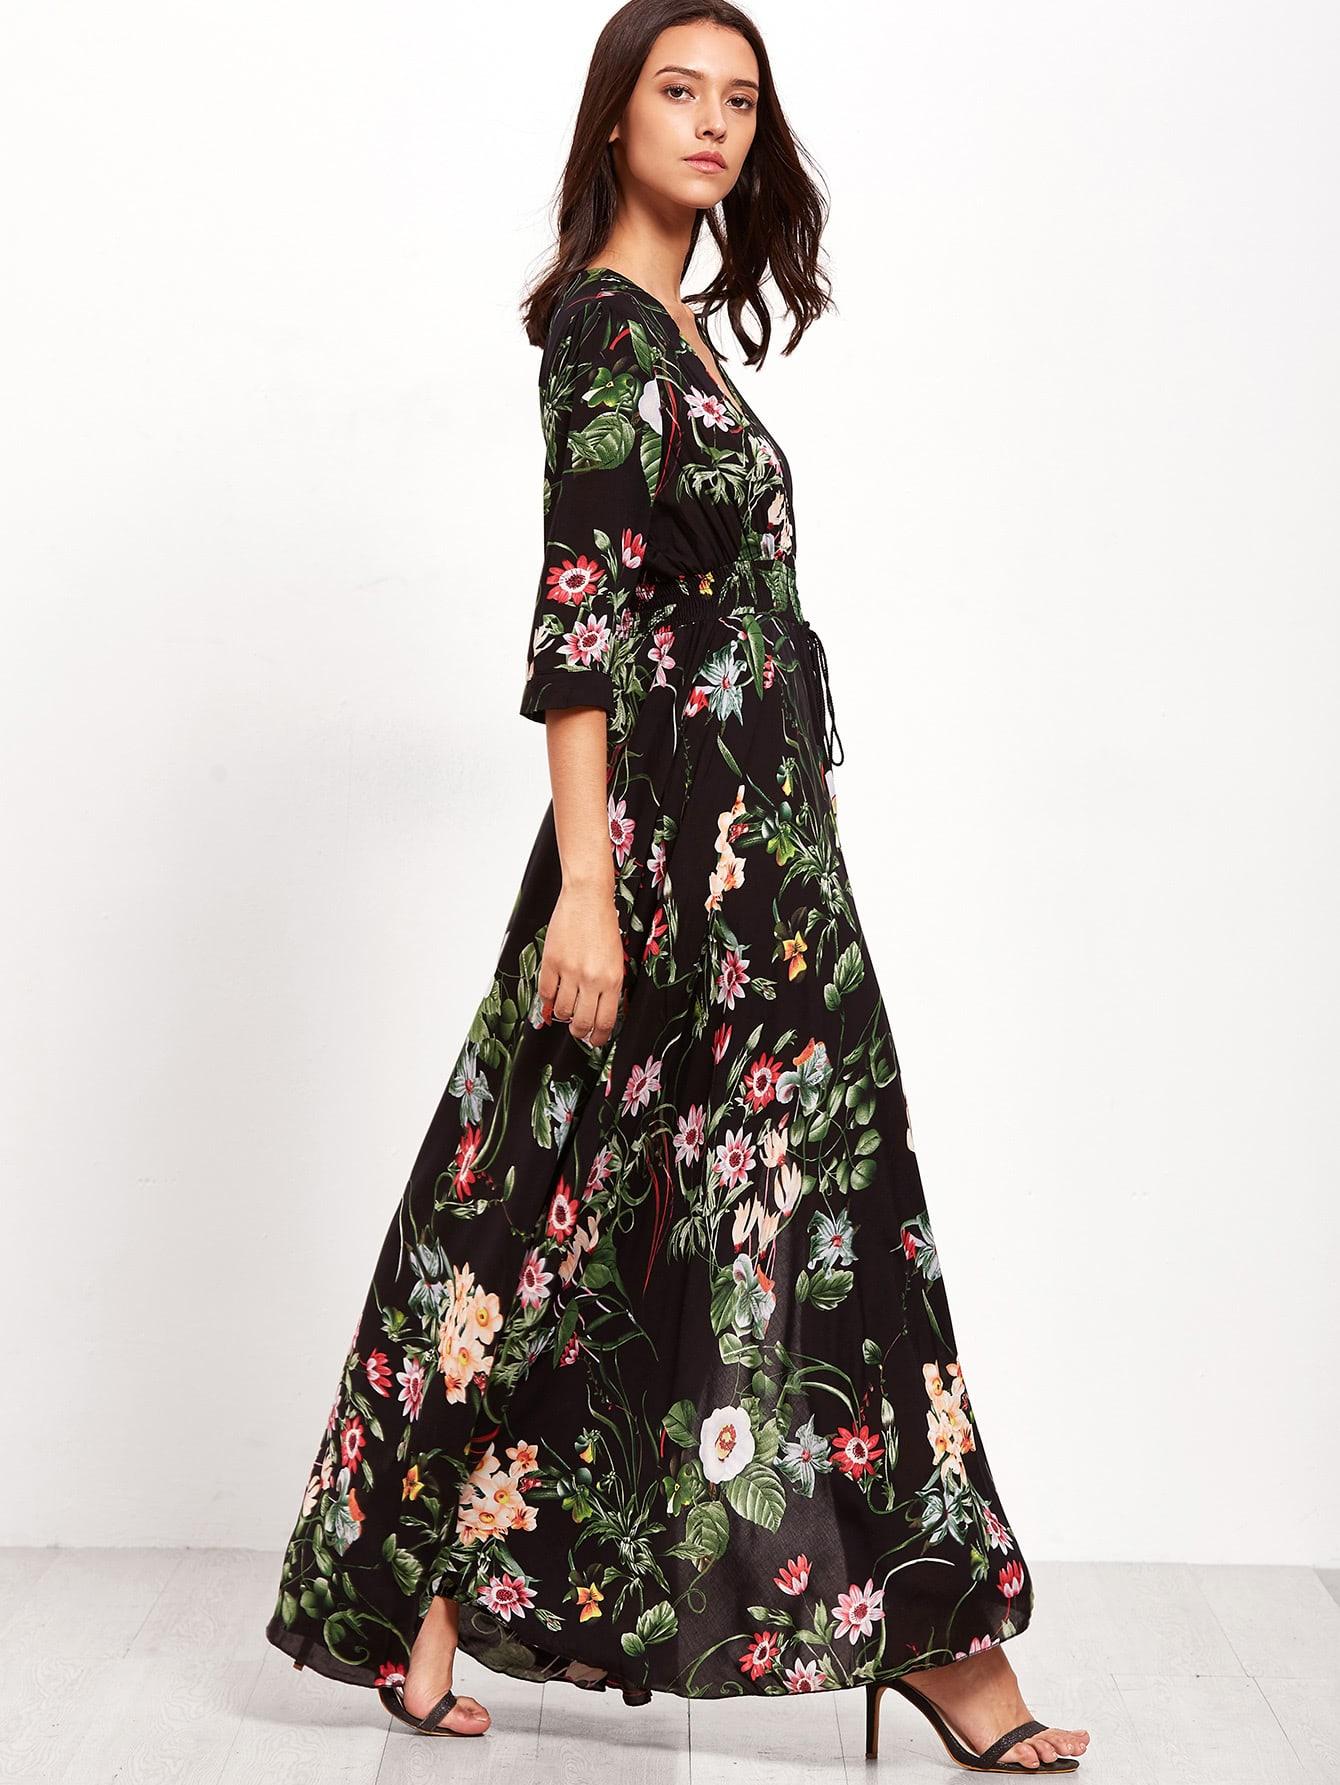 dress160820552_2